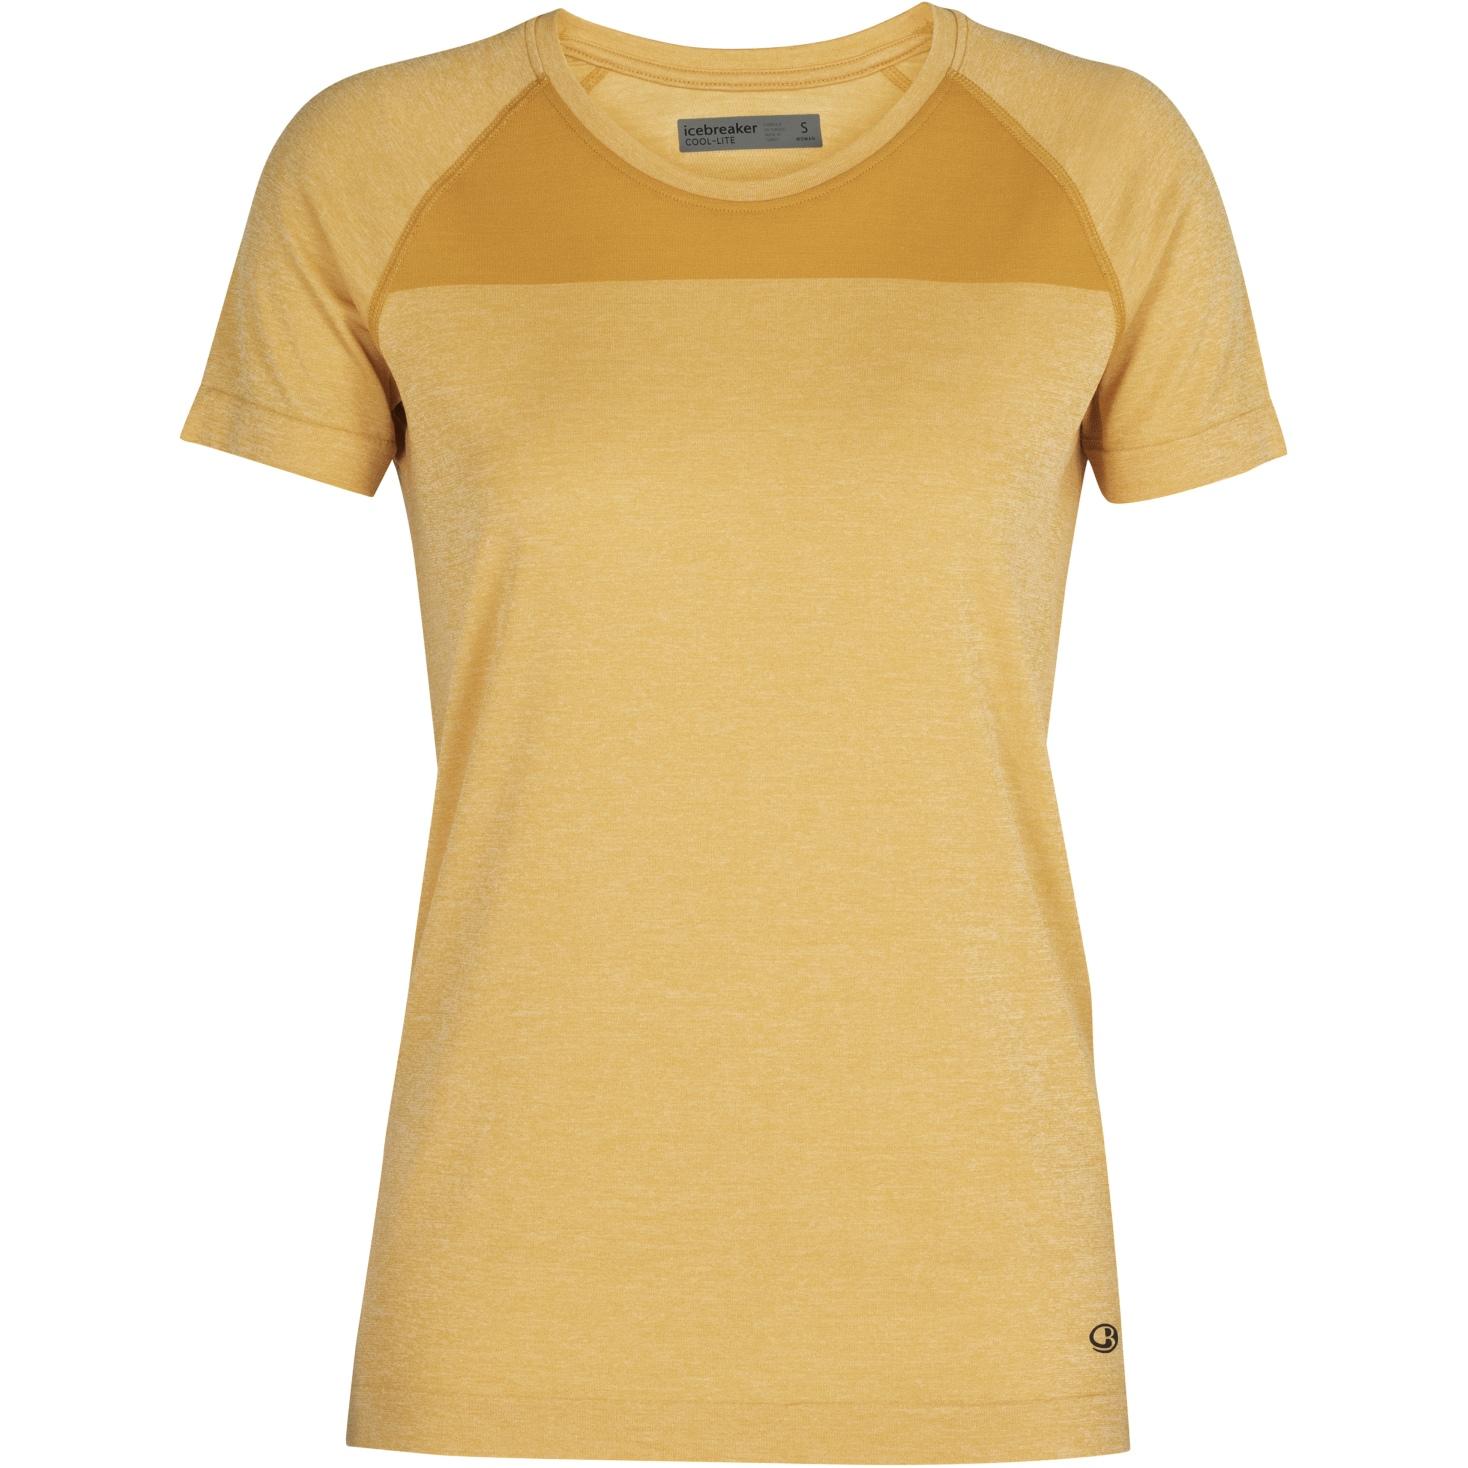 Produktbild von Icebreaker Motion Seamless Crewe Damen T-Shirt - Safflower HTHR